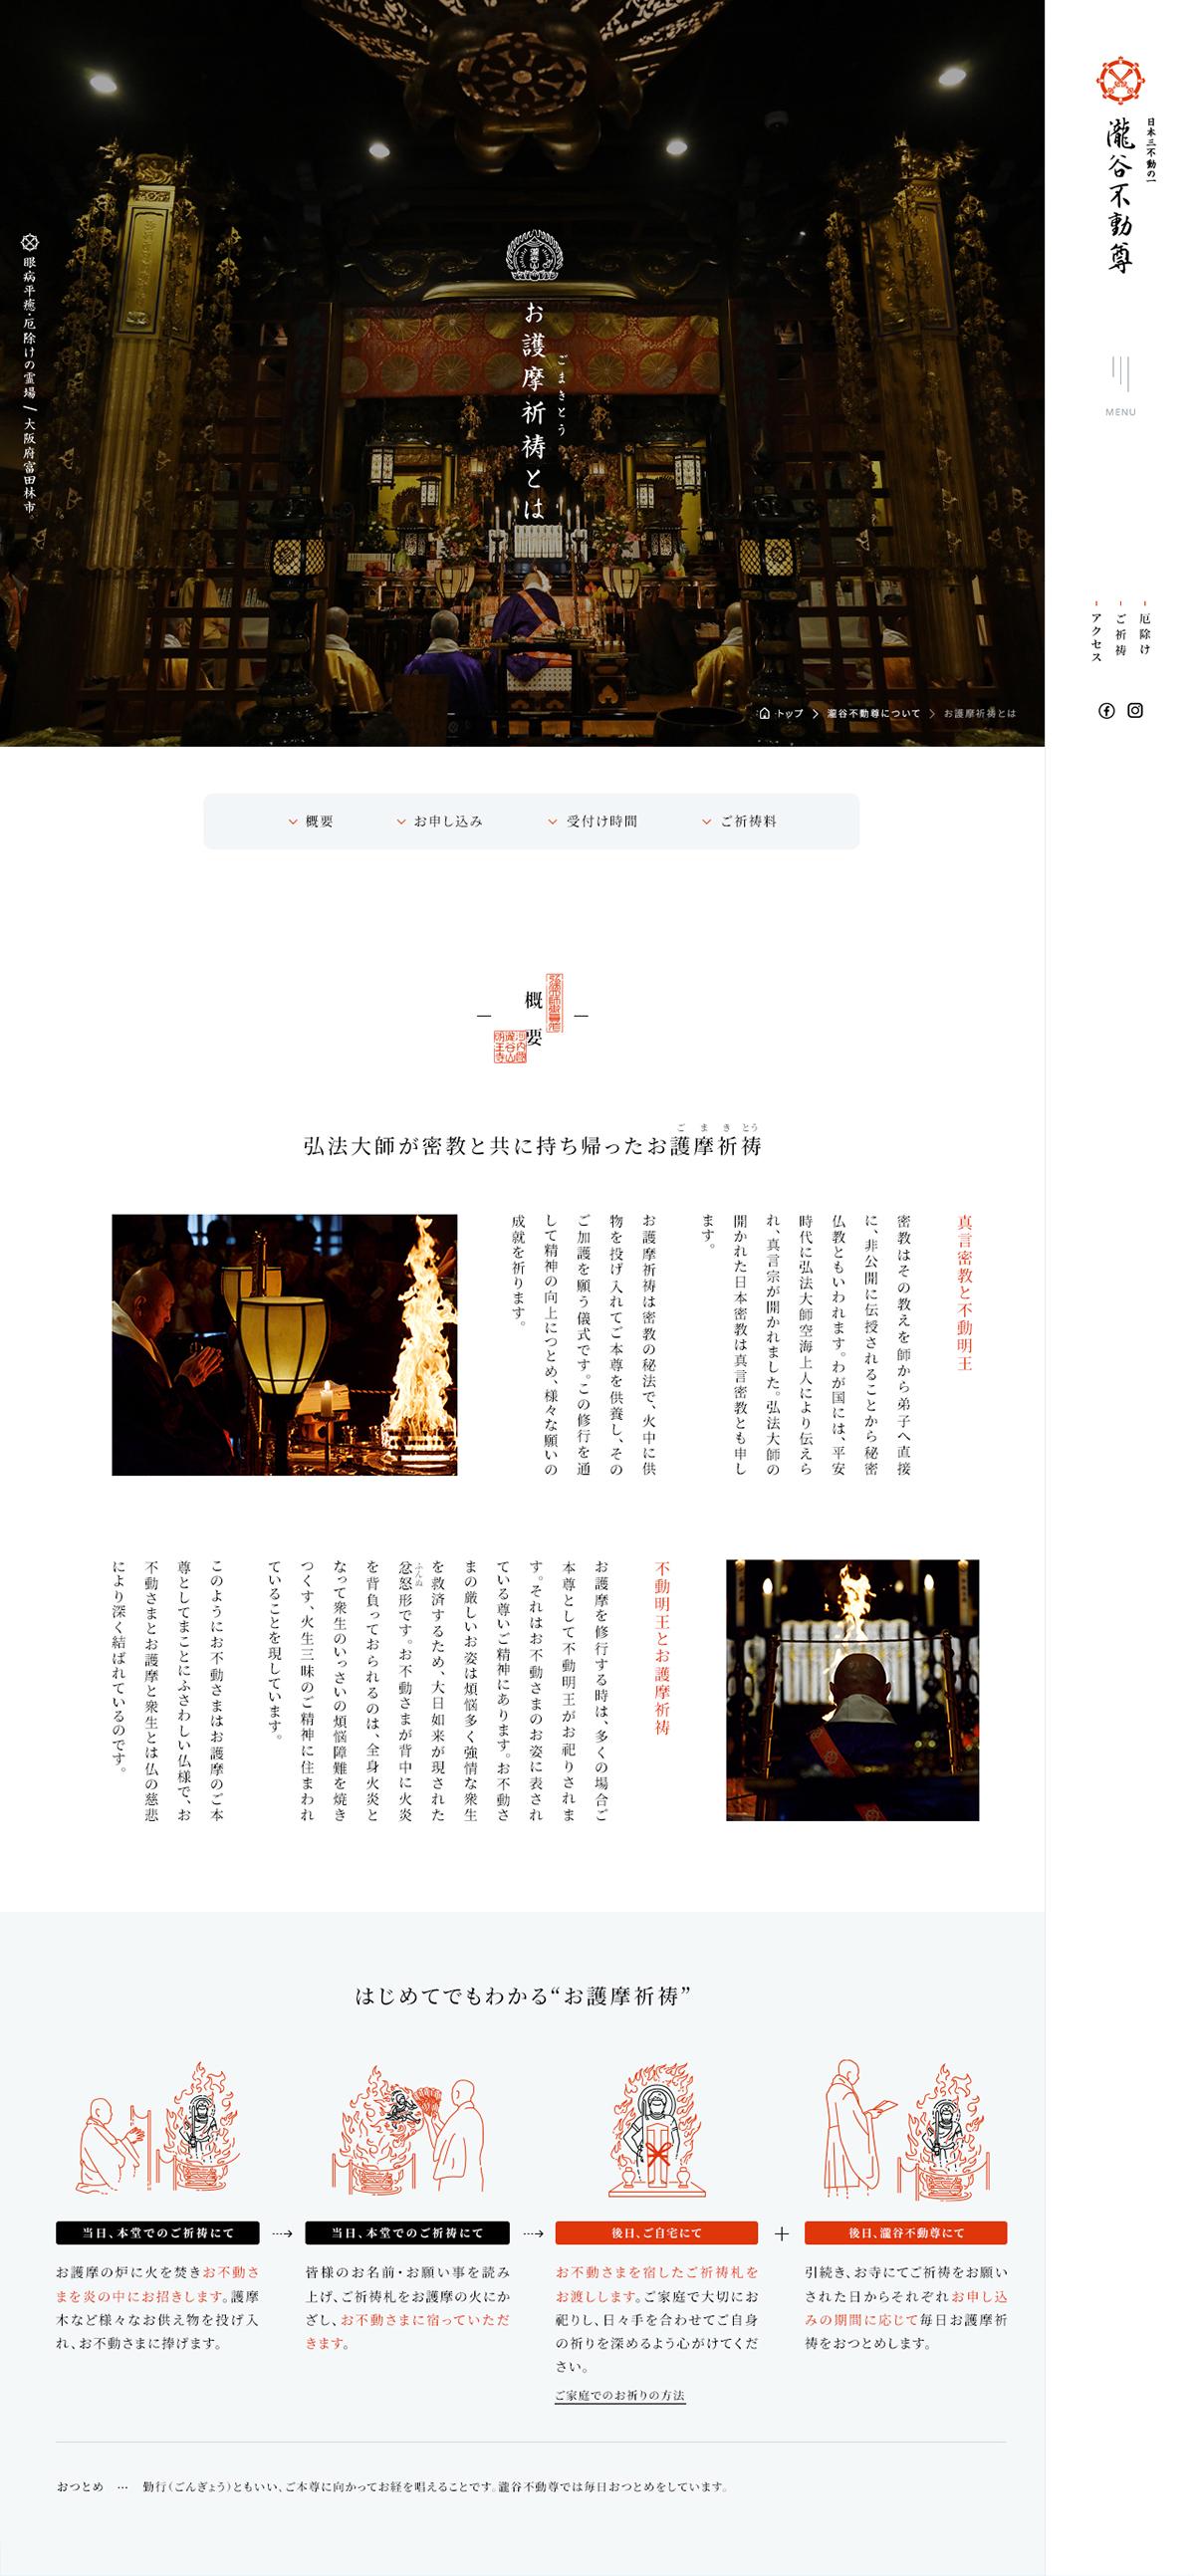 02-02_お護摩祈祷とは_PC.jpg